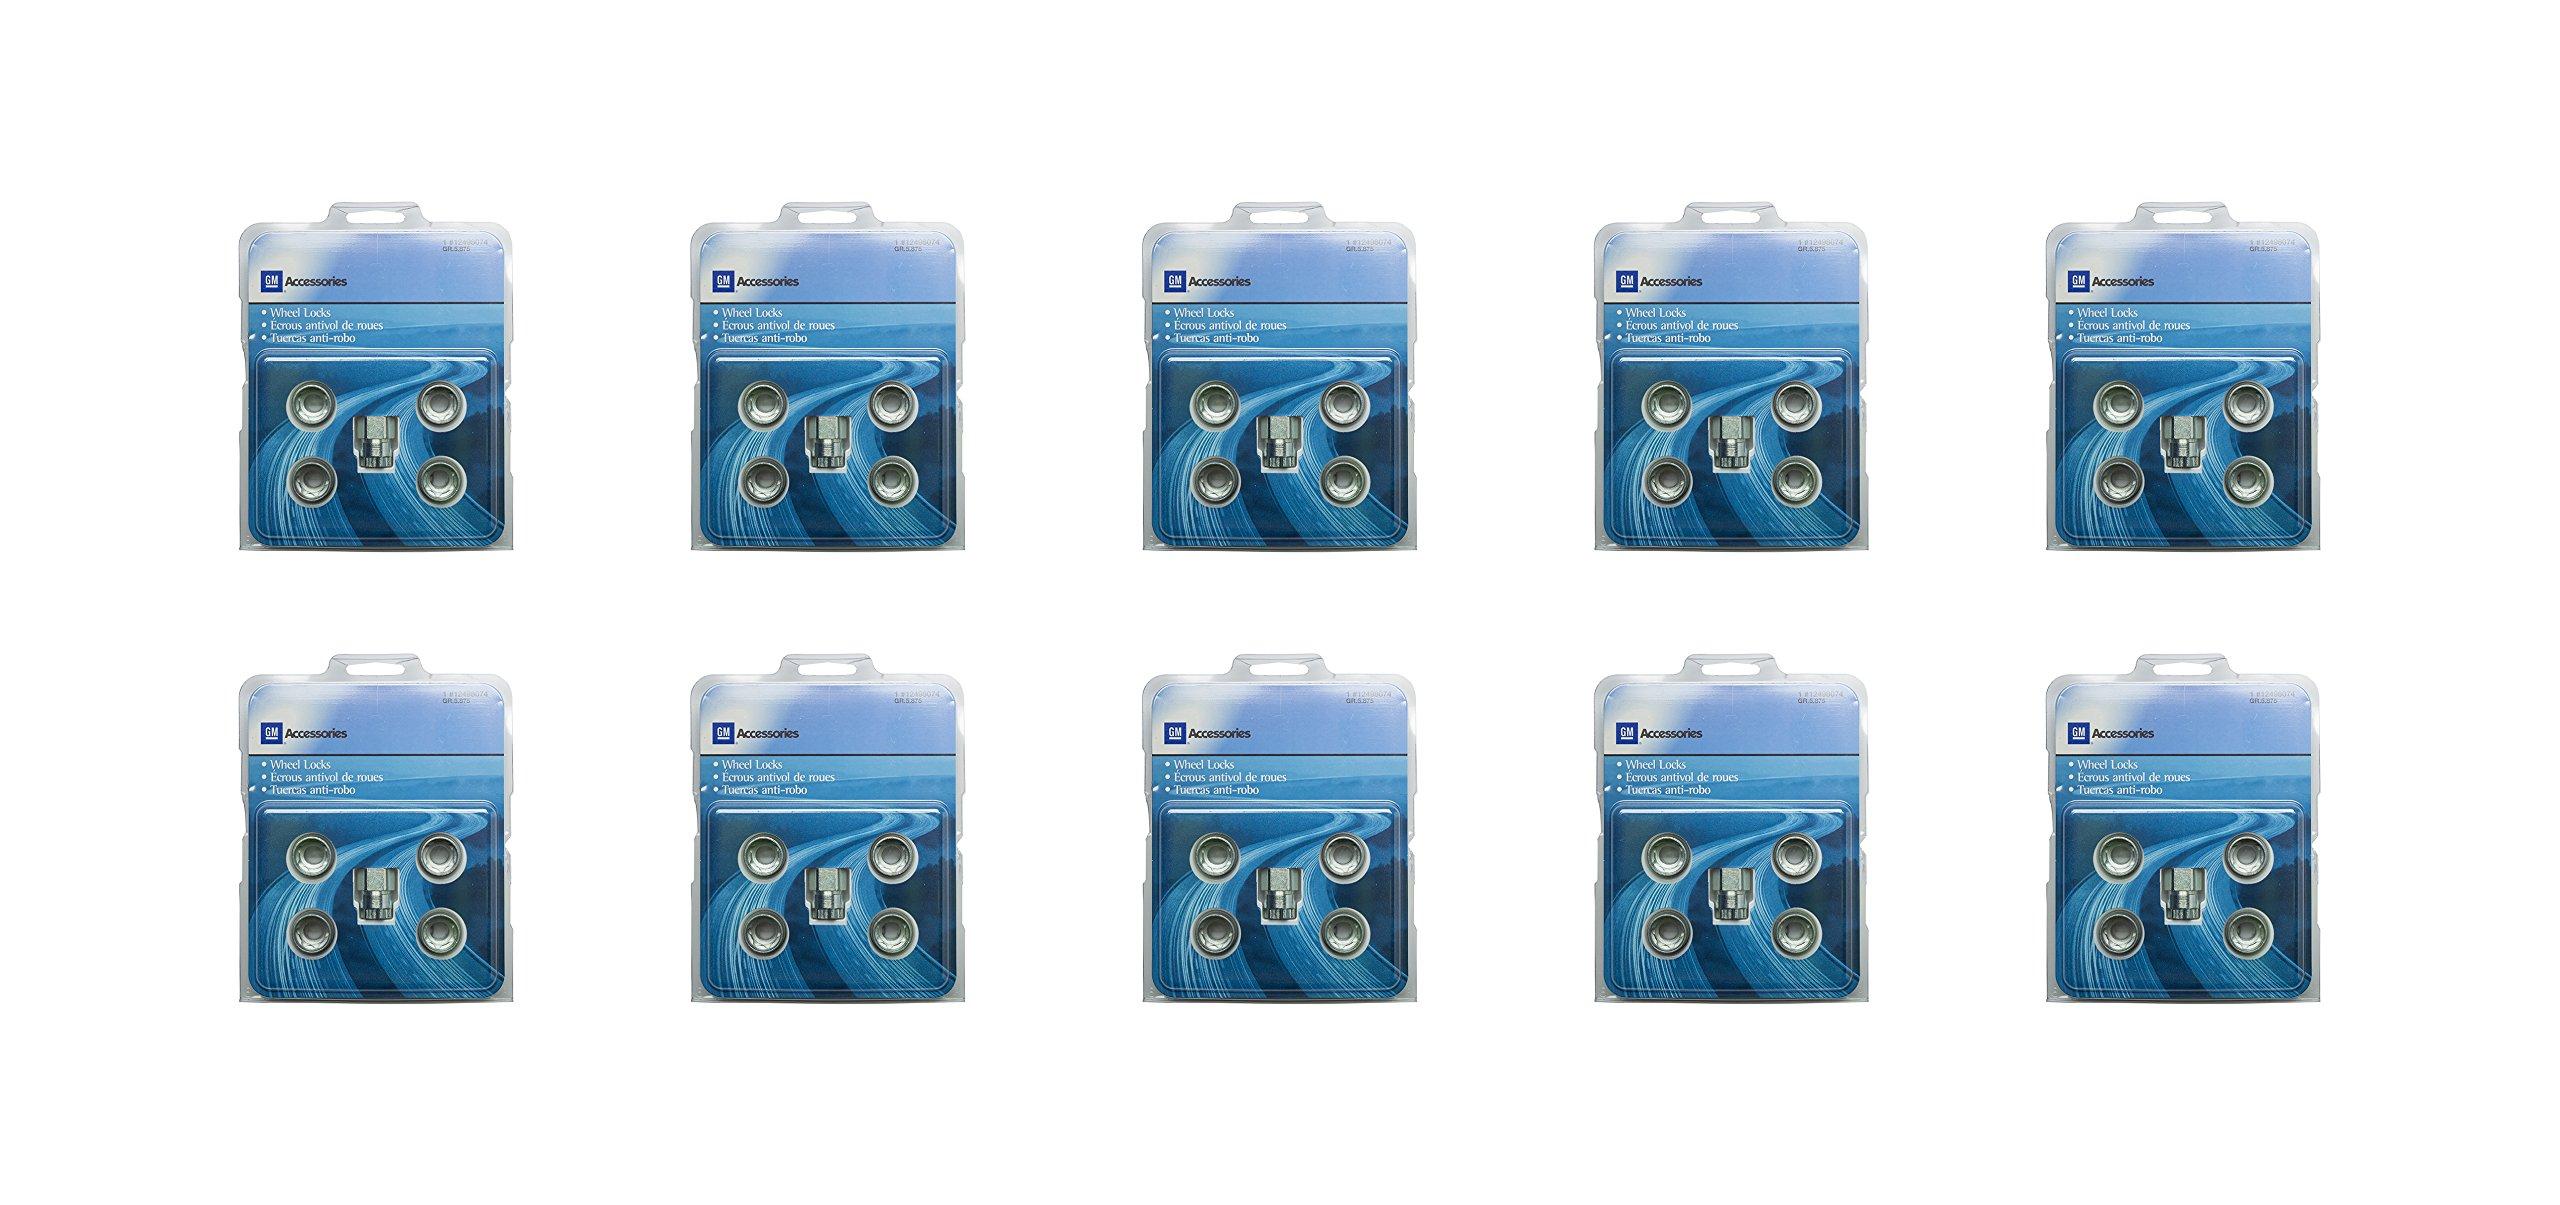 GM Accessories 12498081 M12x1.5x31.2 Wheel Lock Kit (Pack of 10)